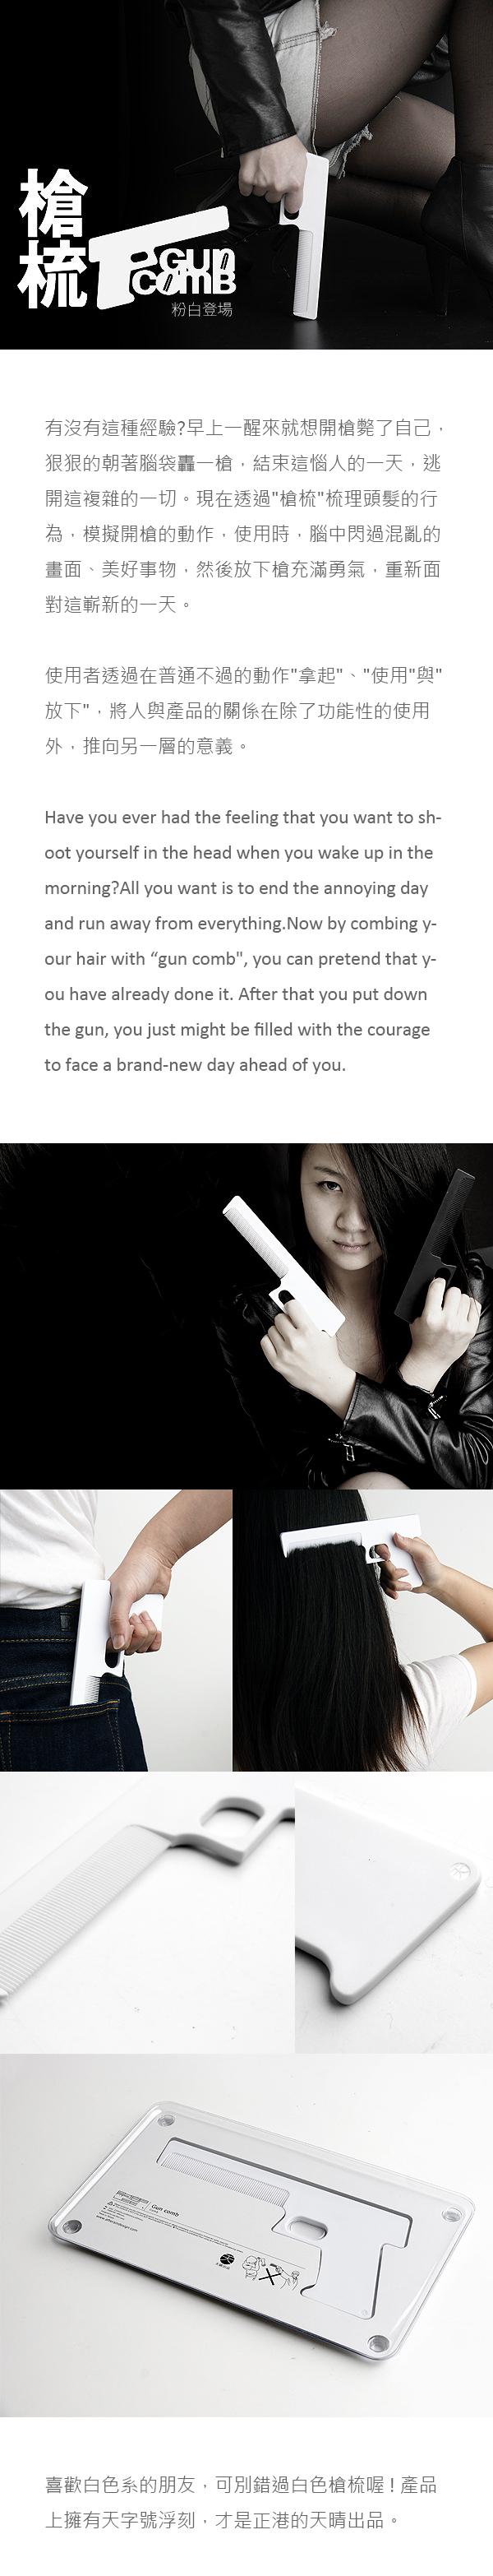 天晴設計 槍梳 白